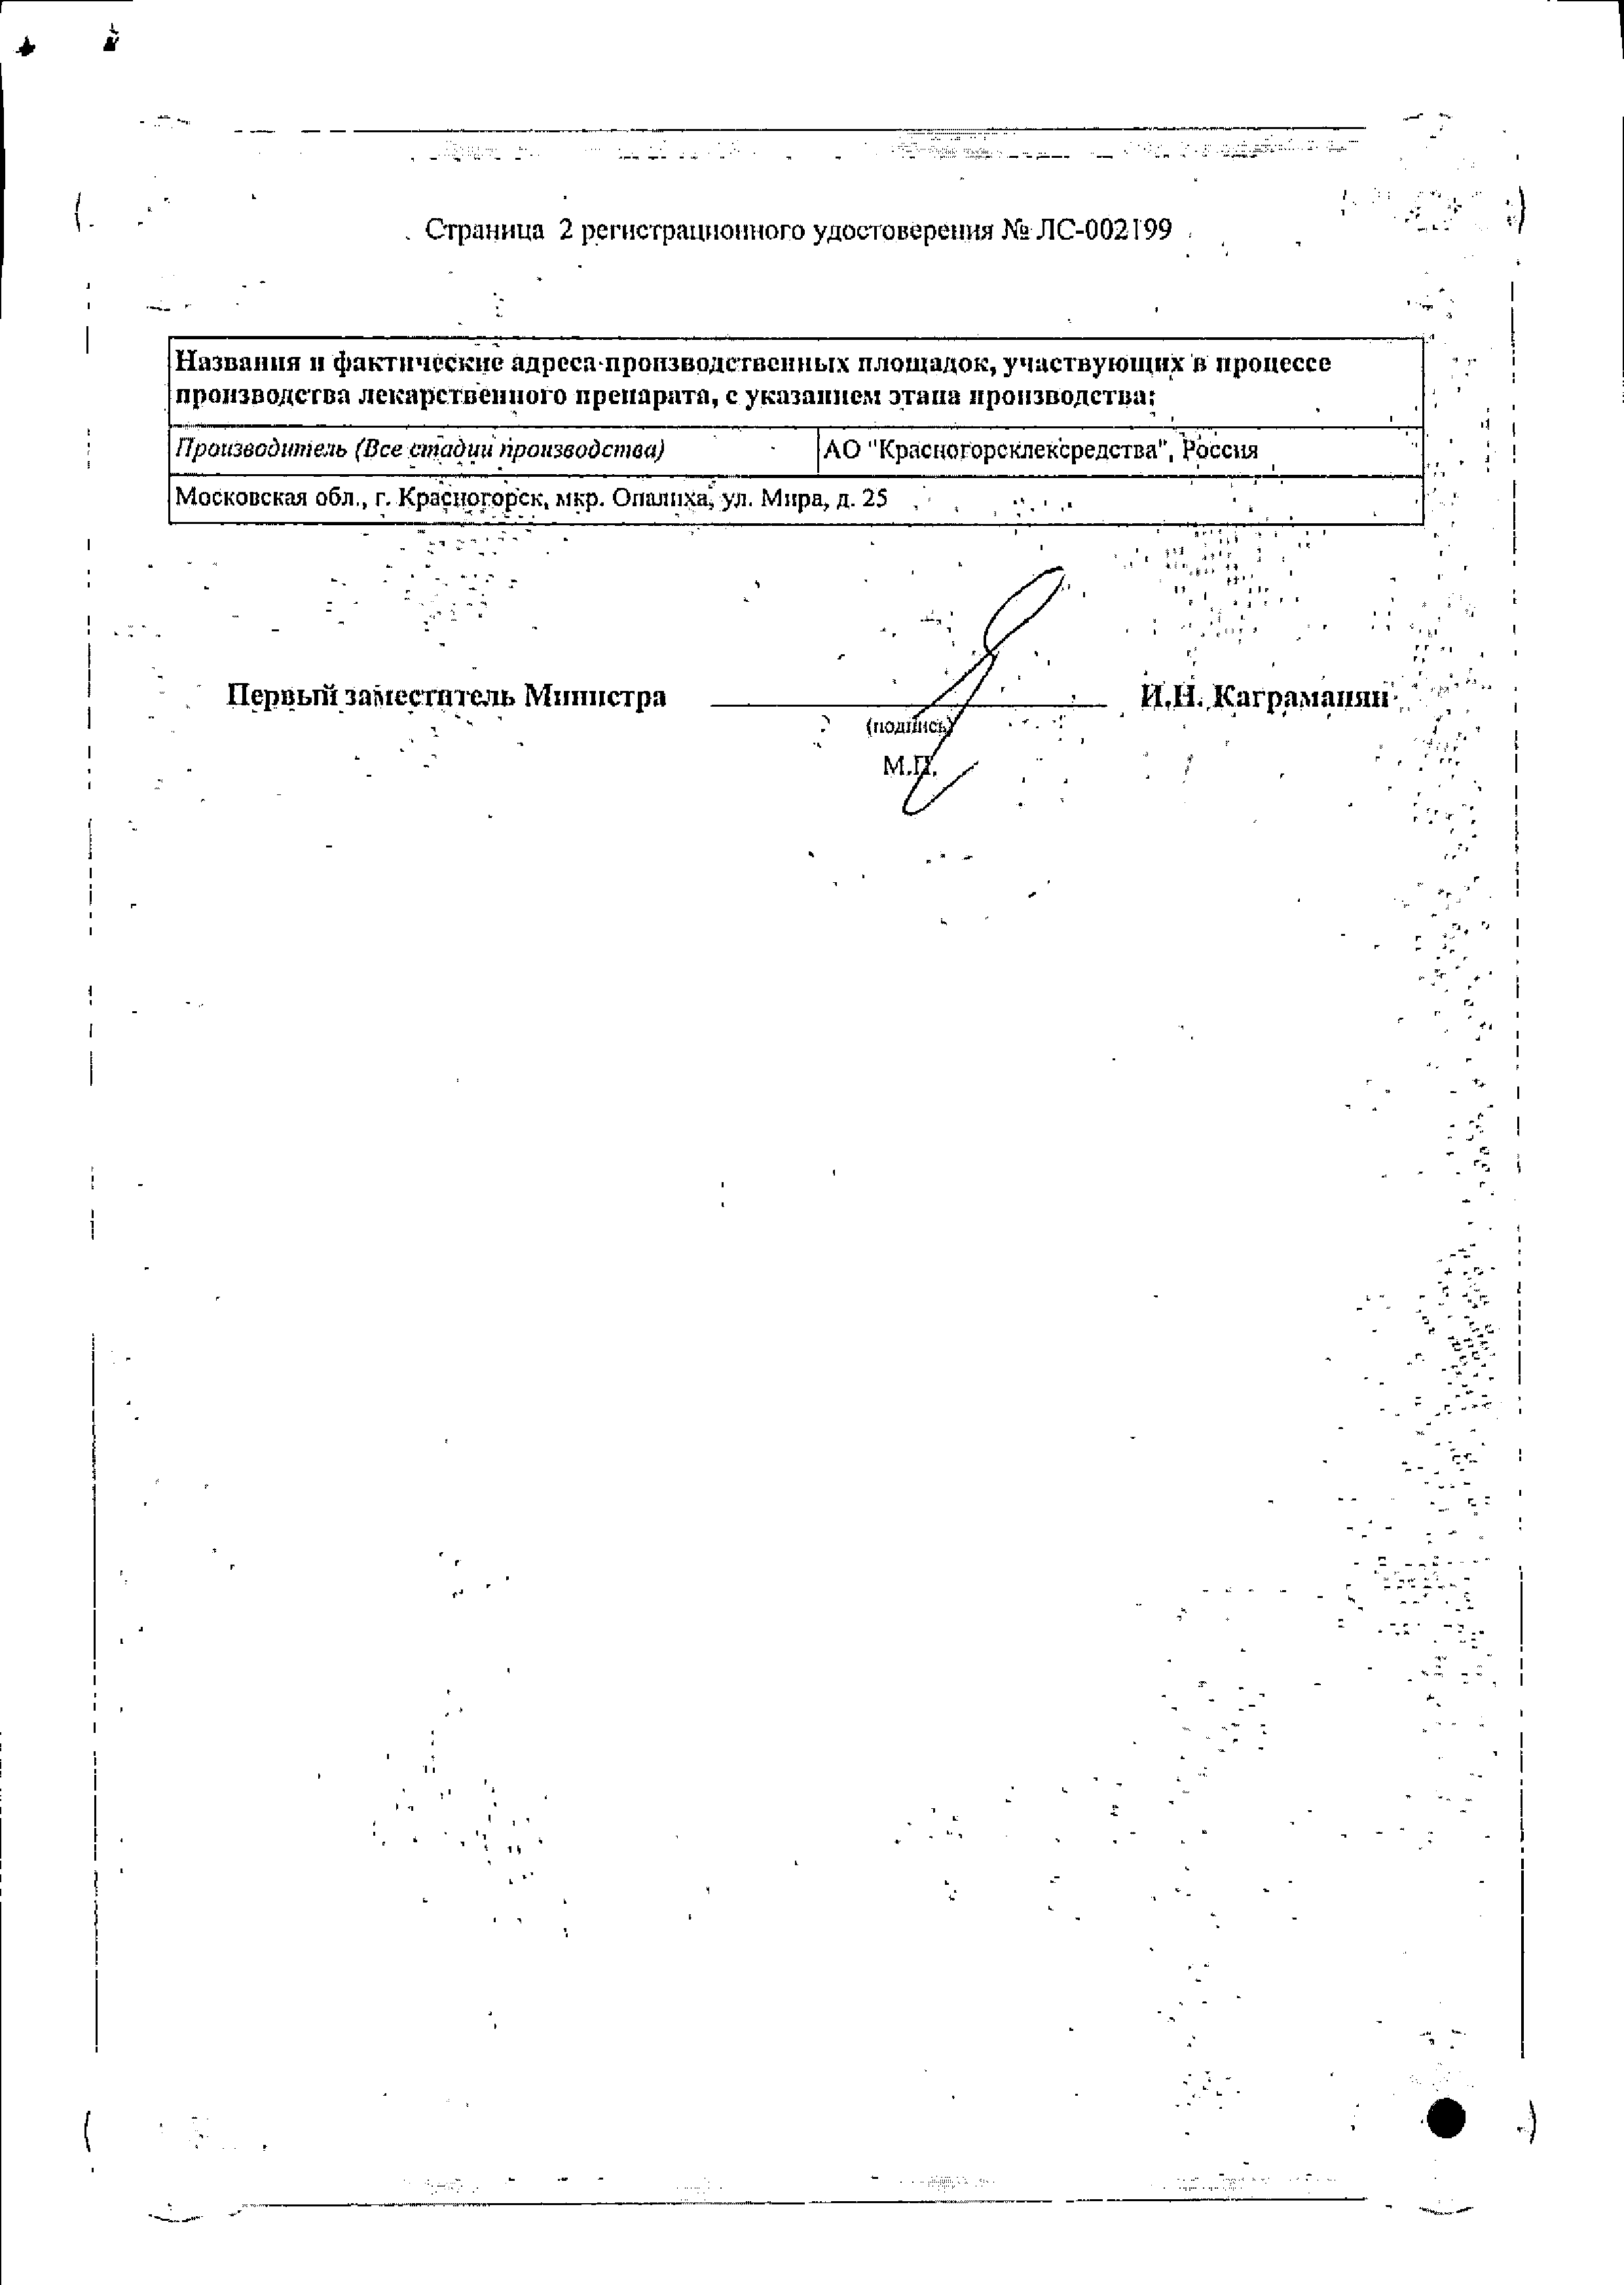 Фитонефрол (Урологический сбор) сертификат